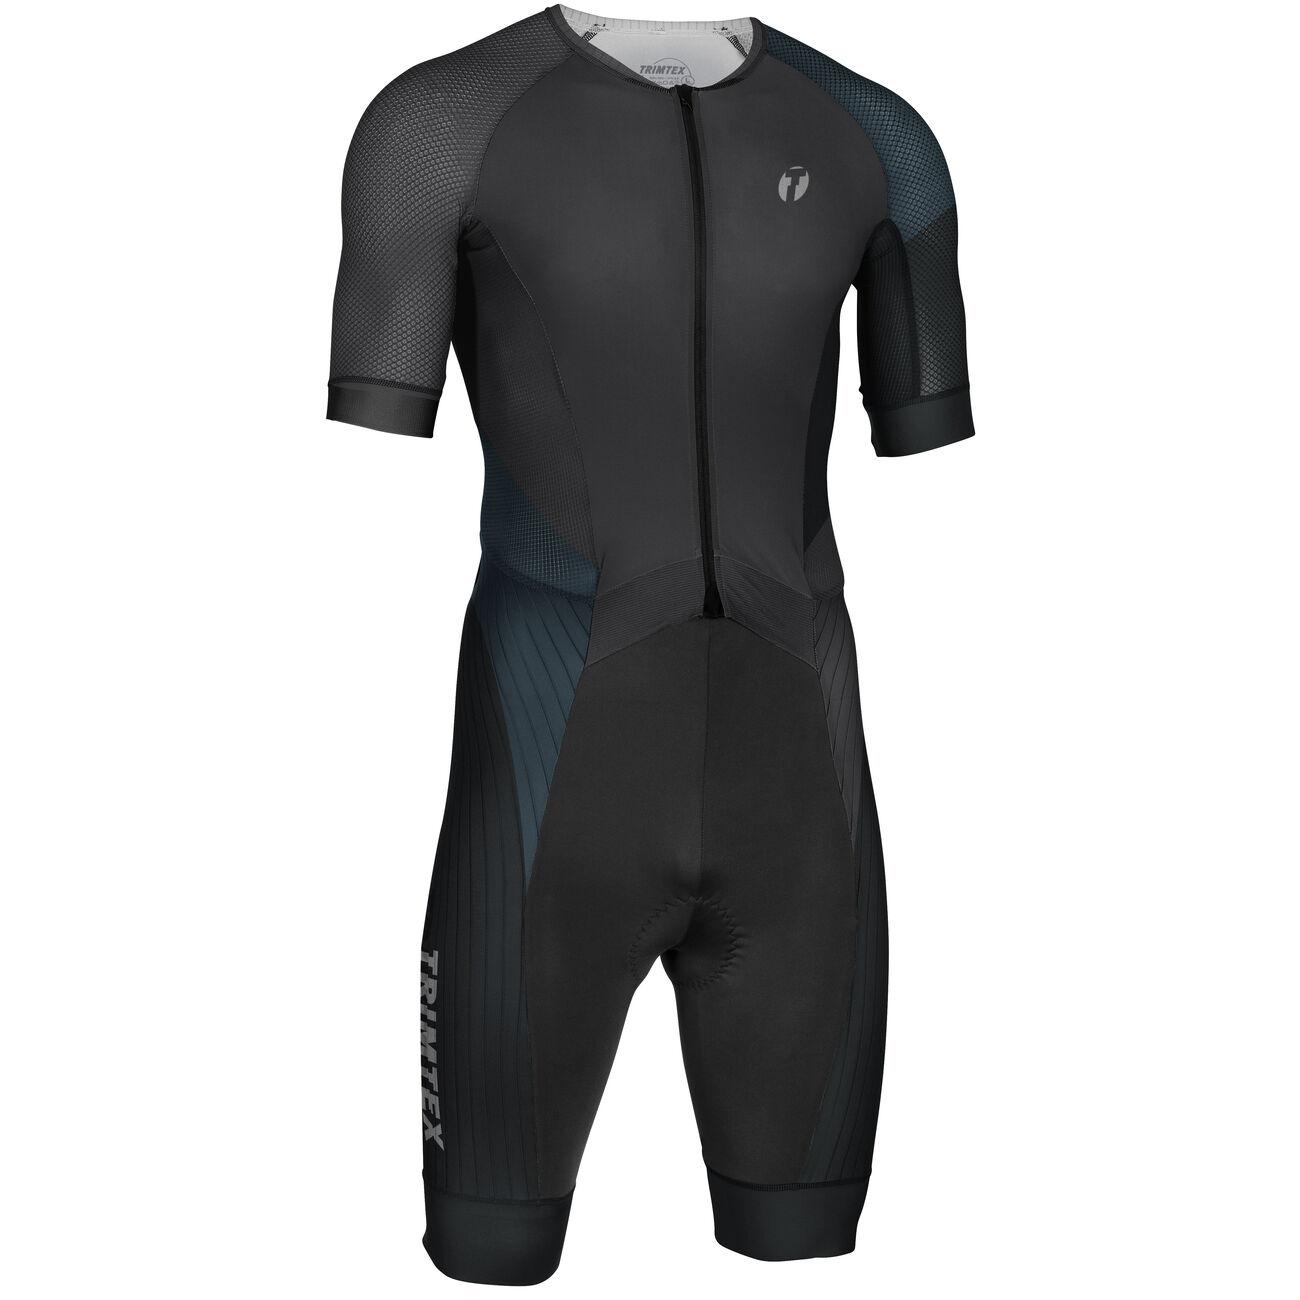 Aero 2.0 Tri Speedsuit MD men's